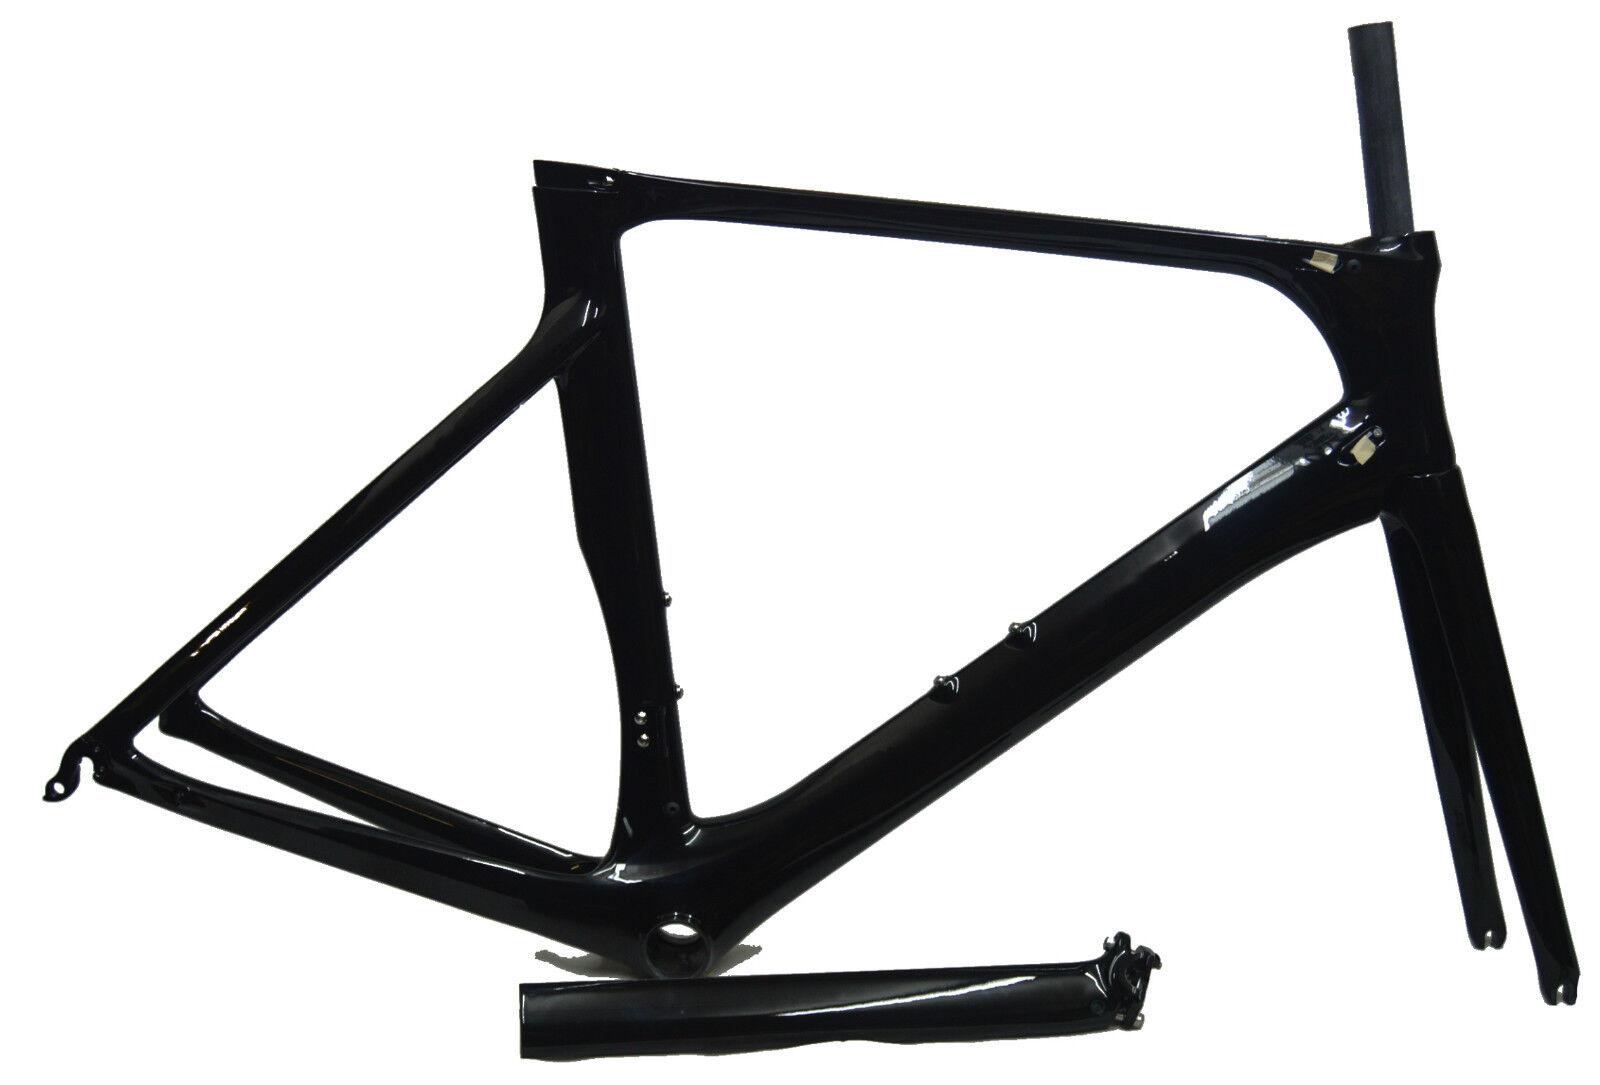 CRANE 2  Full Carbon Frame Set 700C Aero Road Bike Frame  BB86 UD GLOSSY